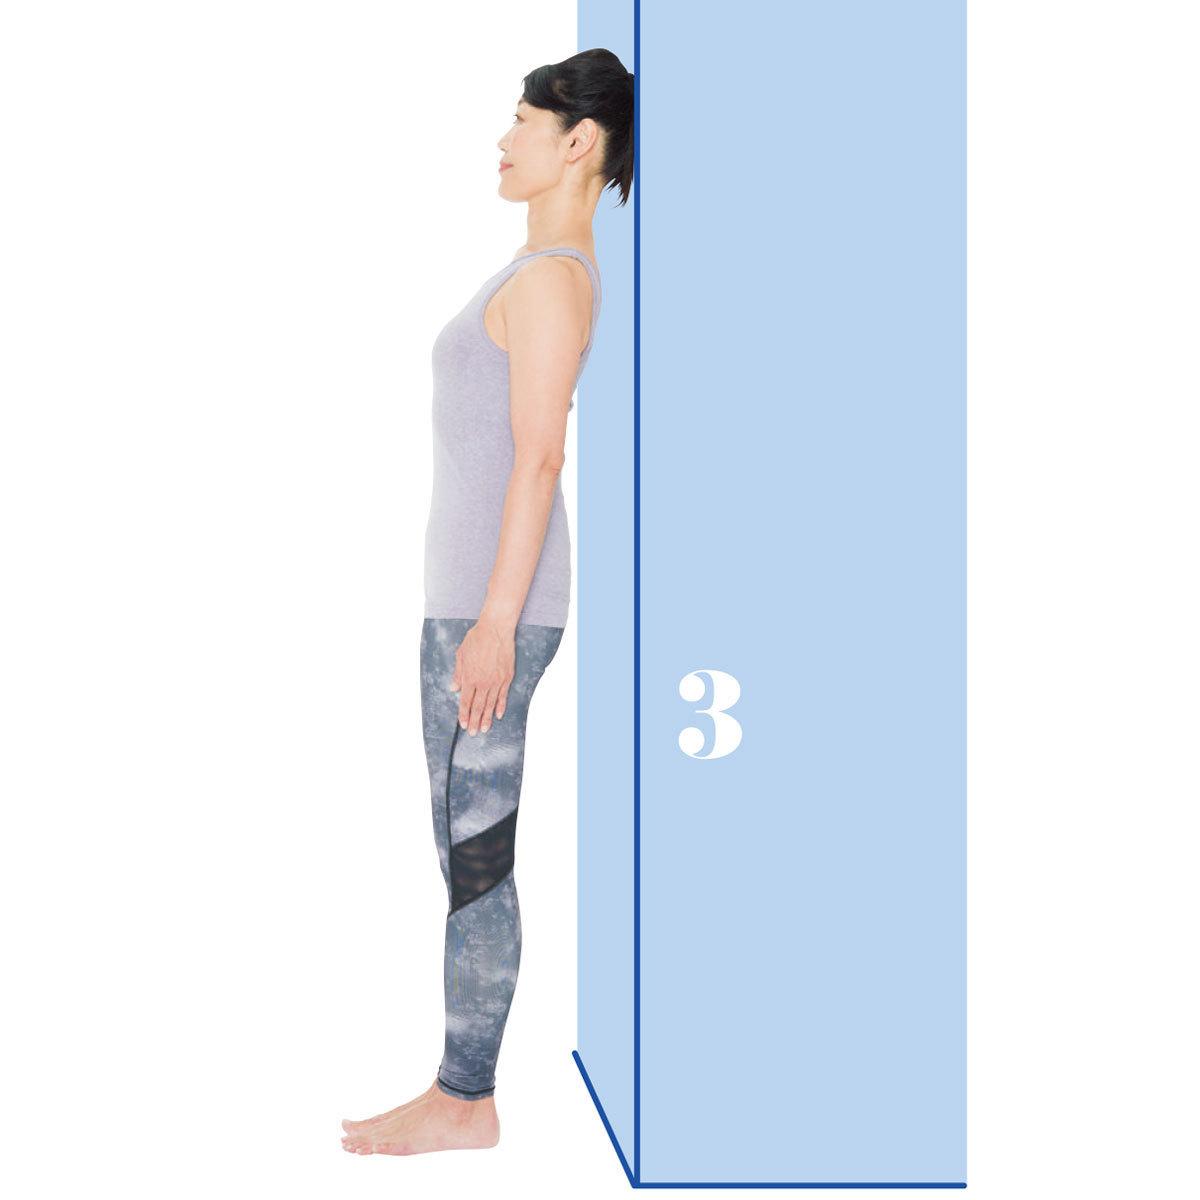 頭を正しい位置に戻す1:頭を後ろに戻すエクササイズ3